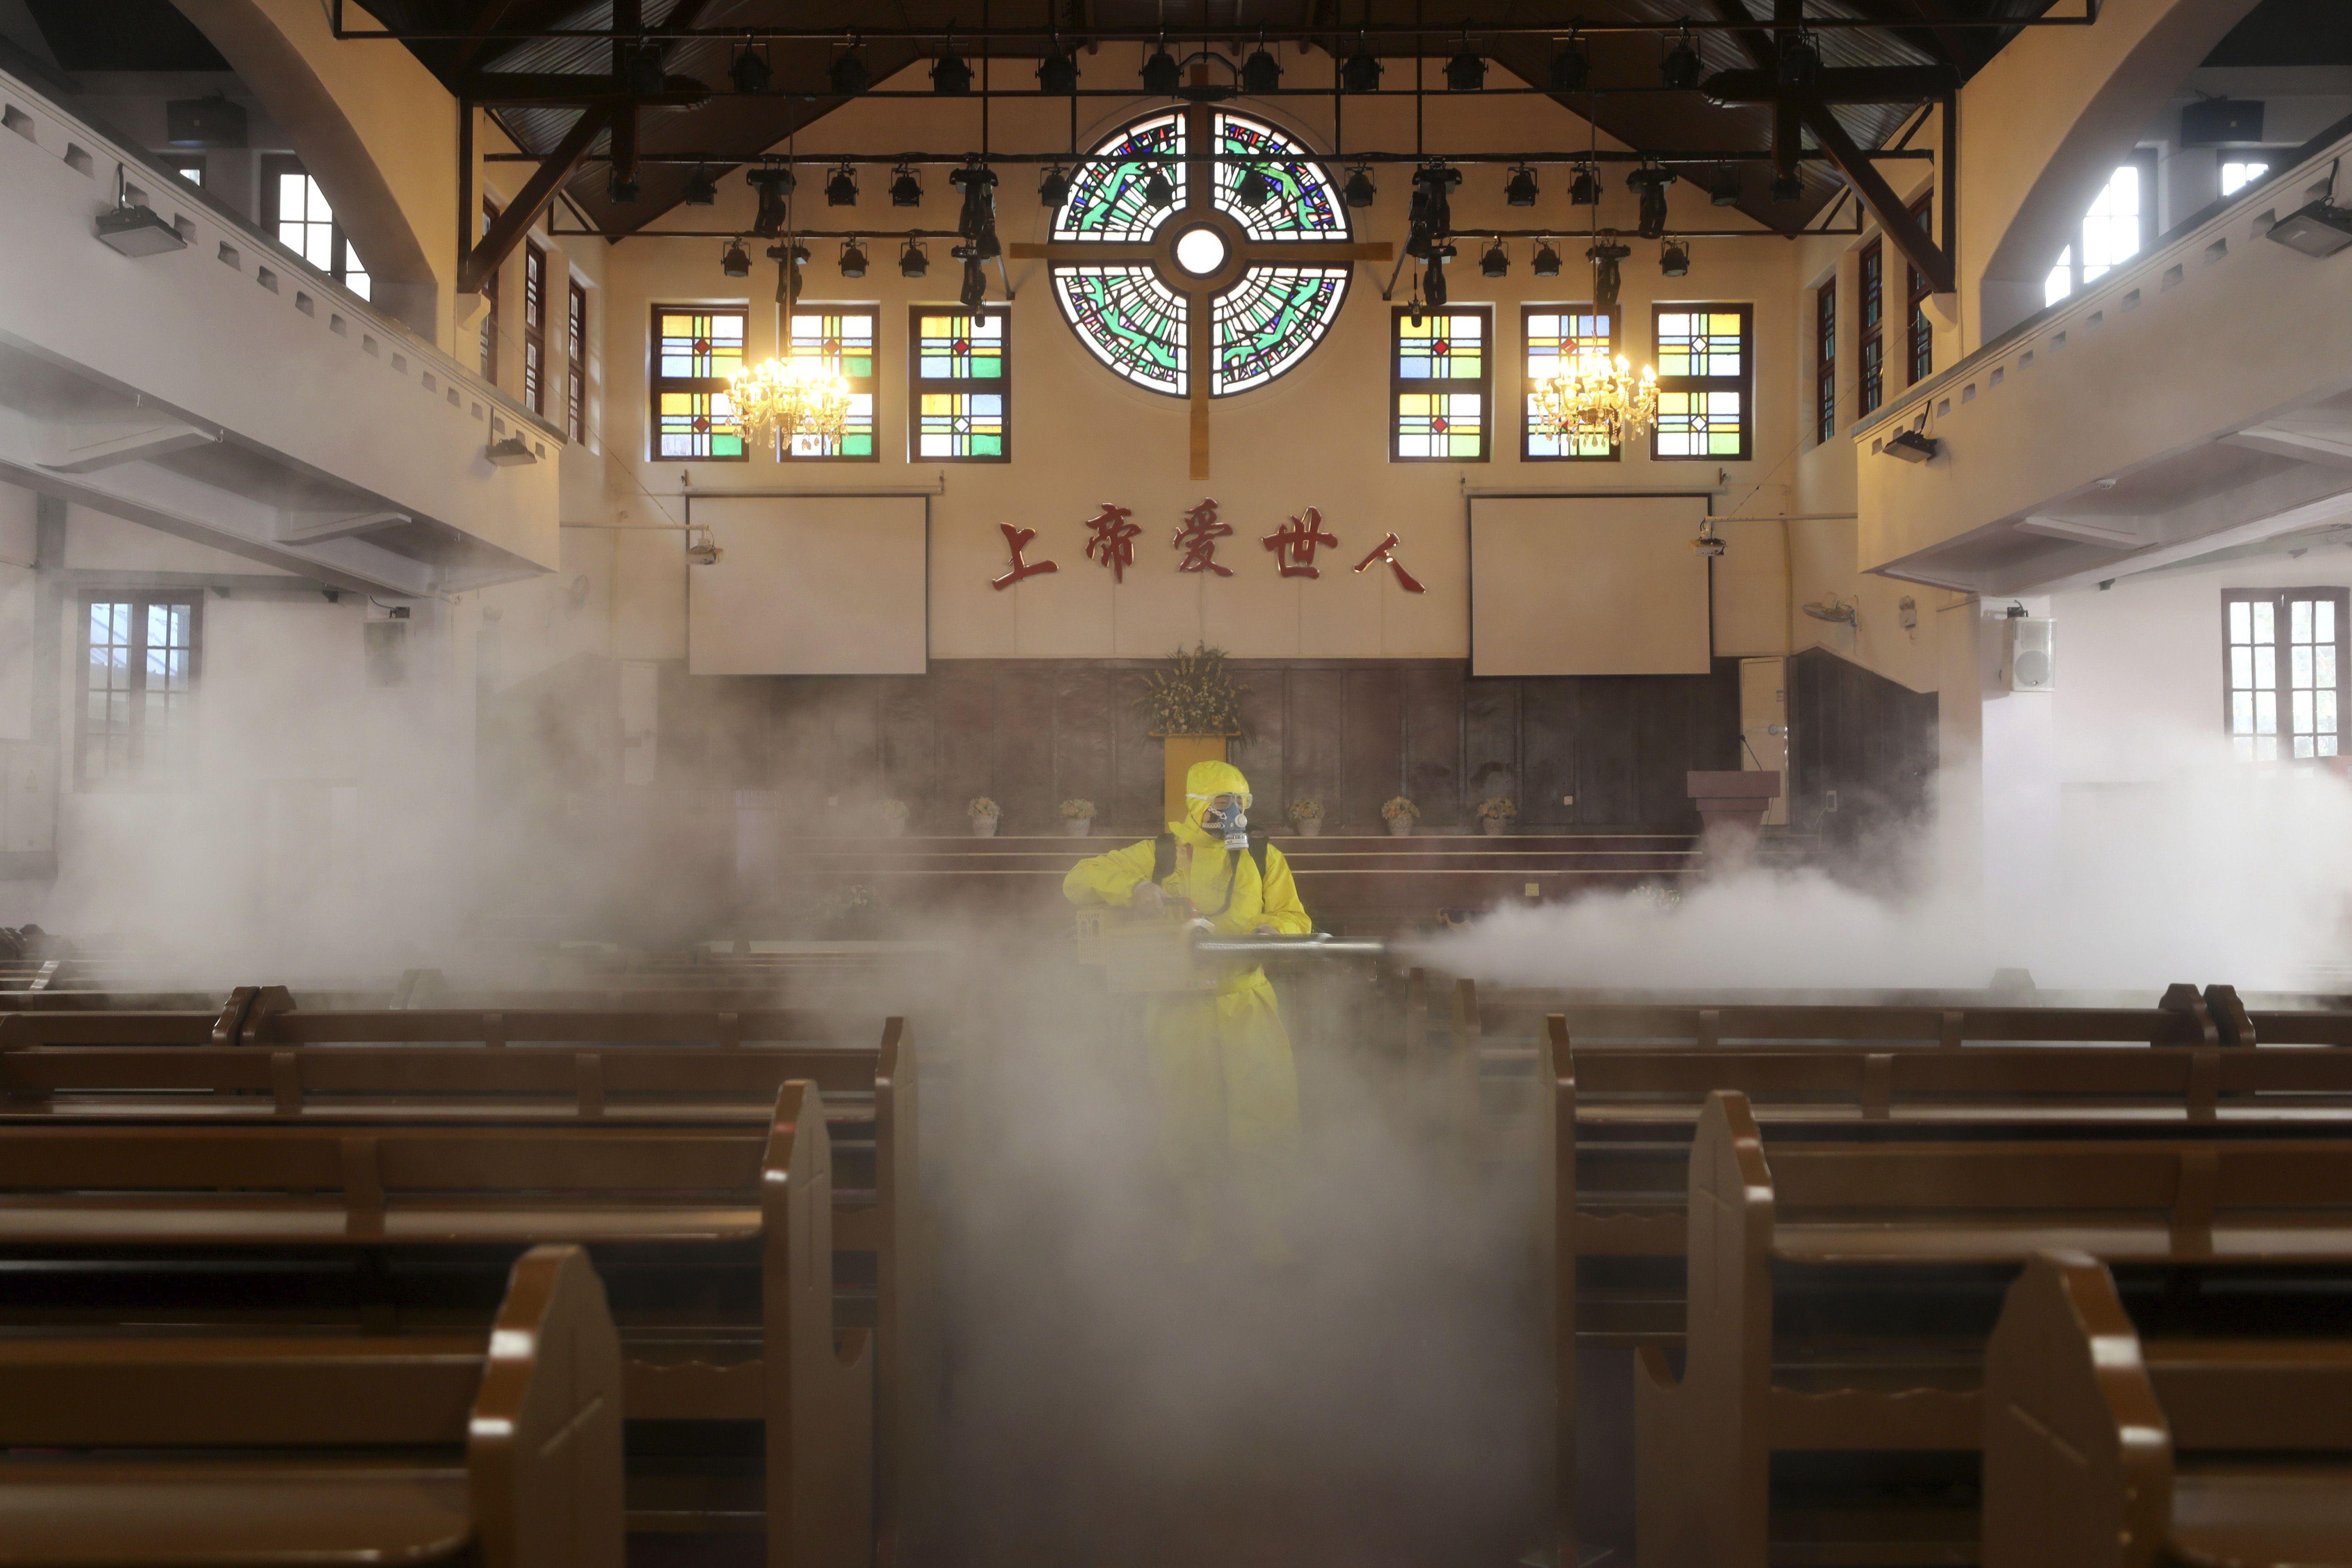 コロナ ウイルス 生物 兵器 中国